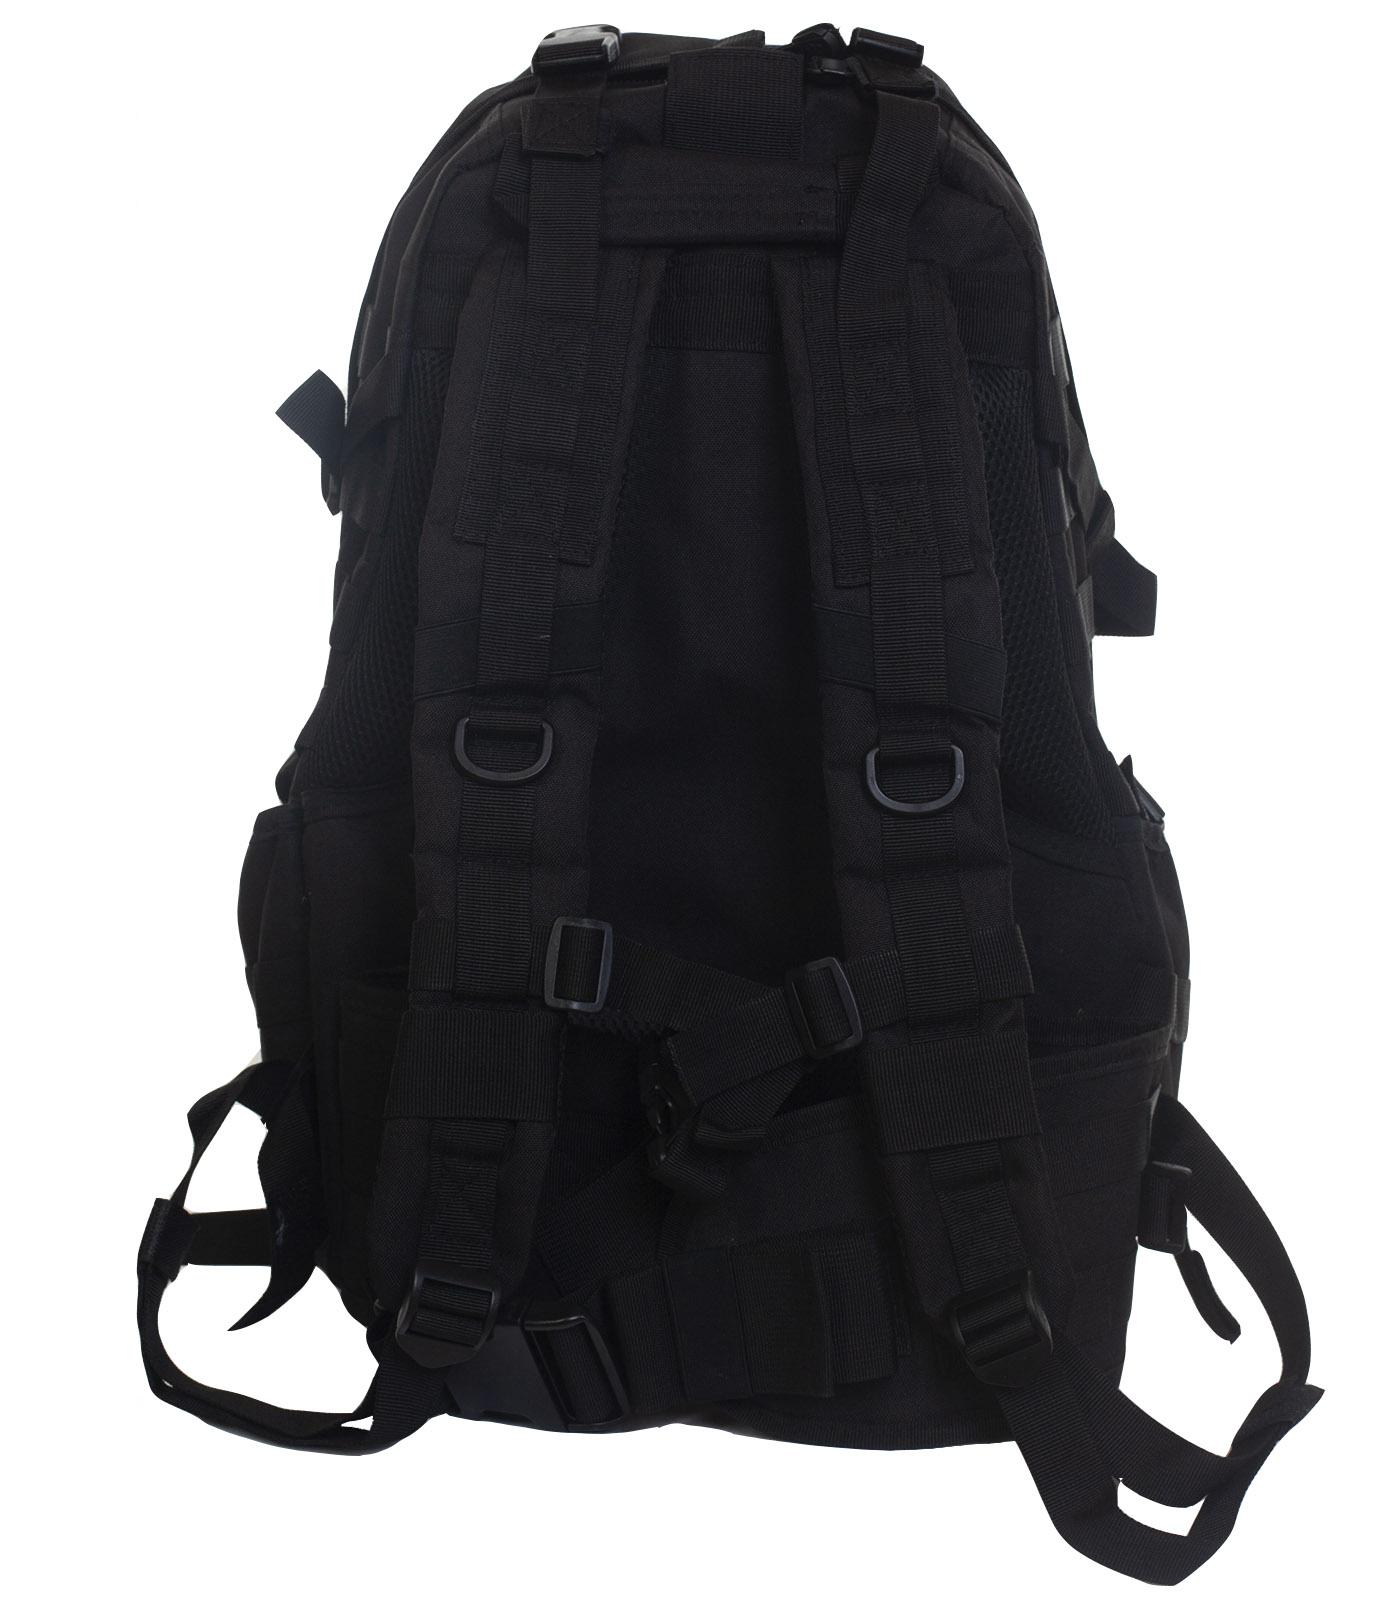 Черный эргономичный рюкзак - оптом и в розницу